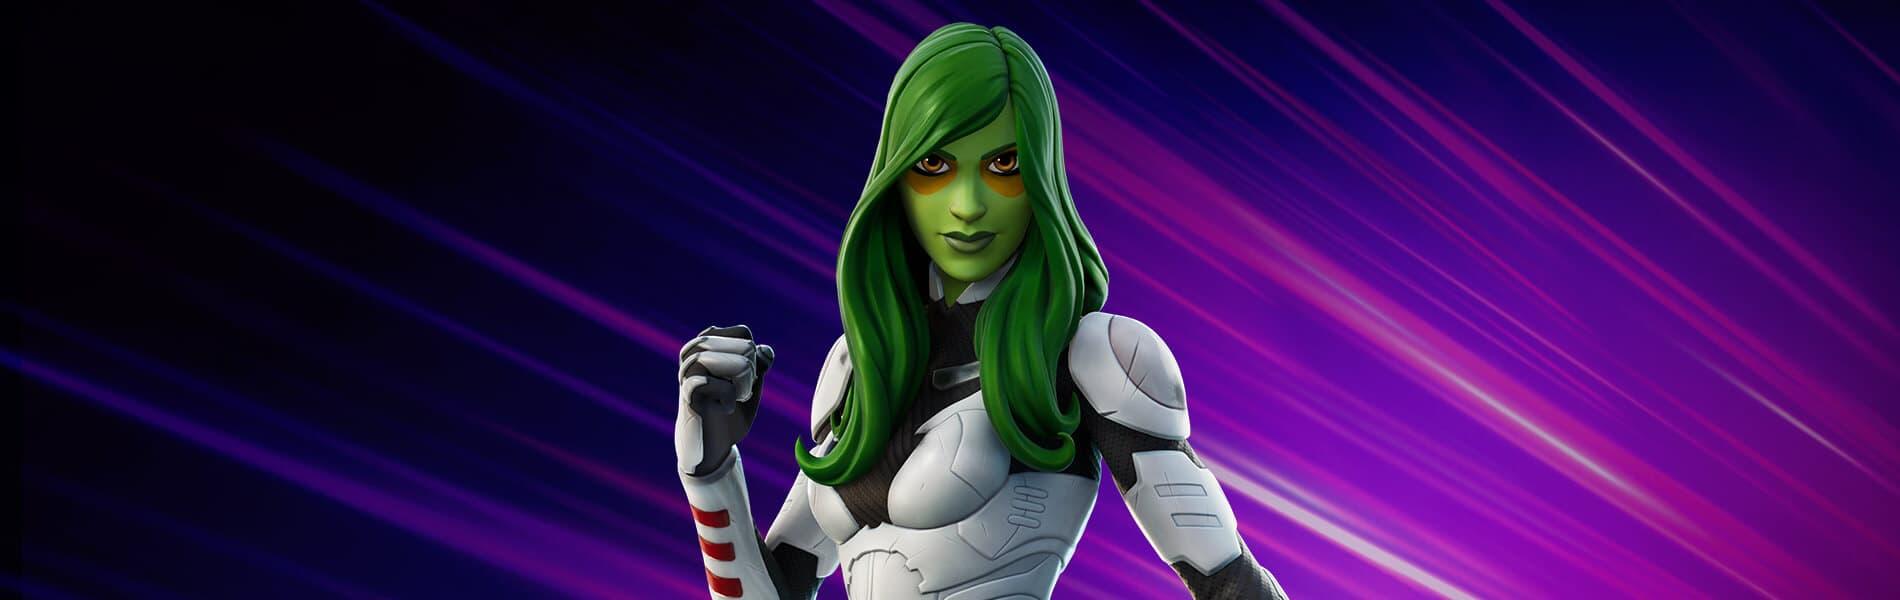 Así es al skin de Gamora de Guardianes de la Galaxia en Fortnite | Kyaooo